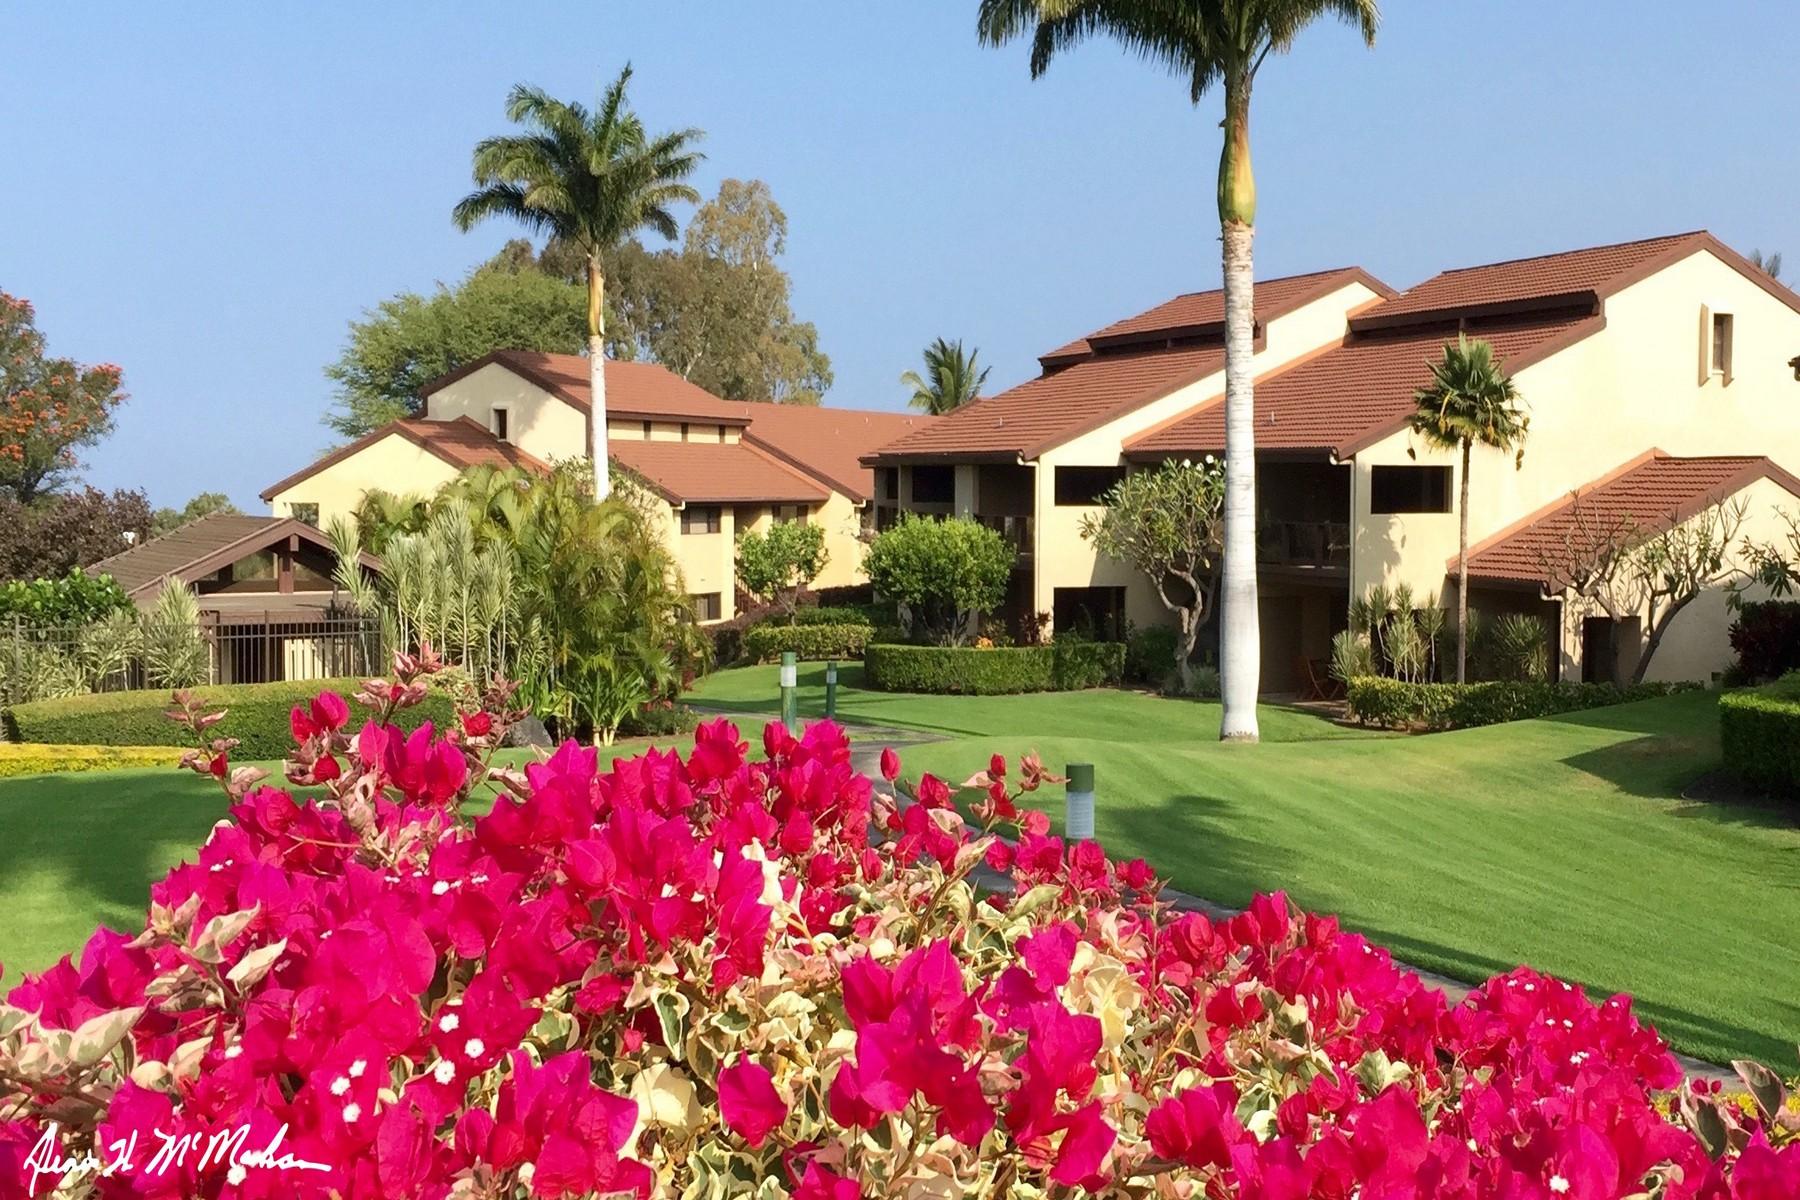 Condomínio para Venda às Hale O Mele La'i 68-3840 Lua Kula St B201 Waikoloa, Havaí, 96738 Estados Unidos